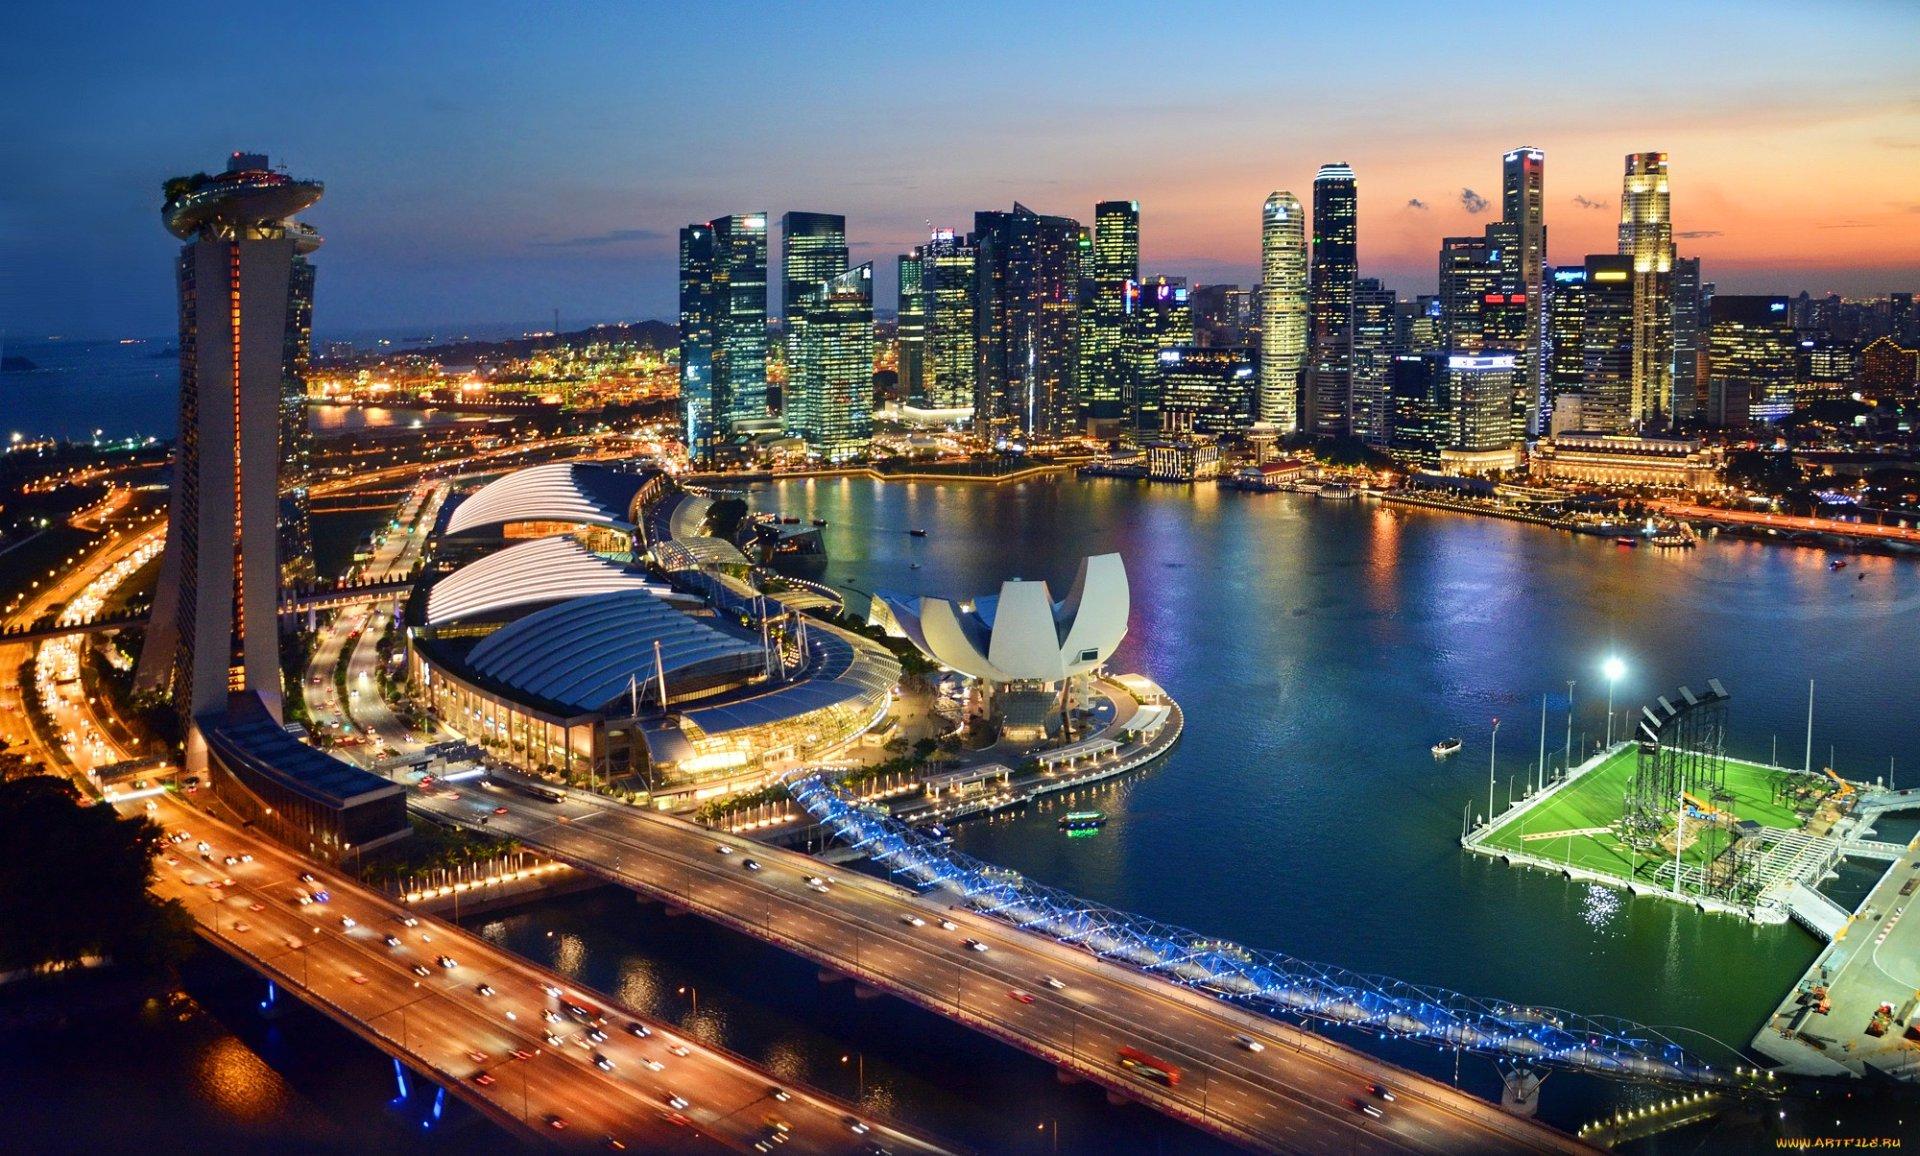 سنغافورة-مركز-قوى-اقتصادية-وسياحية-9